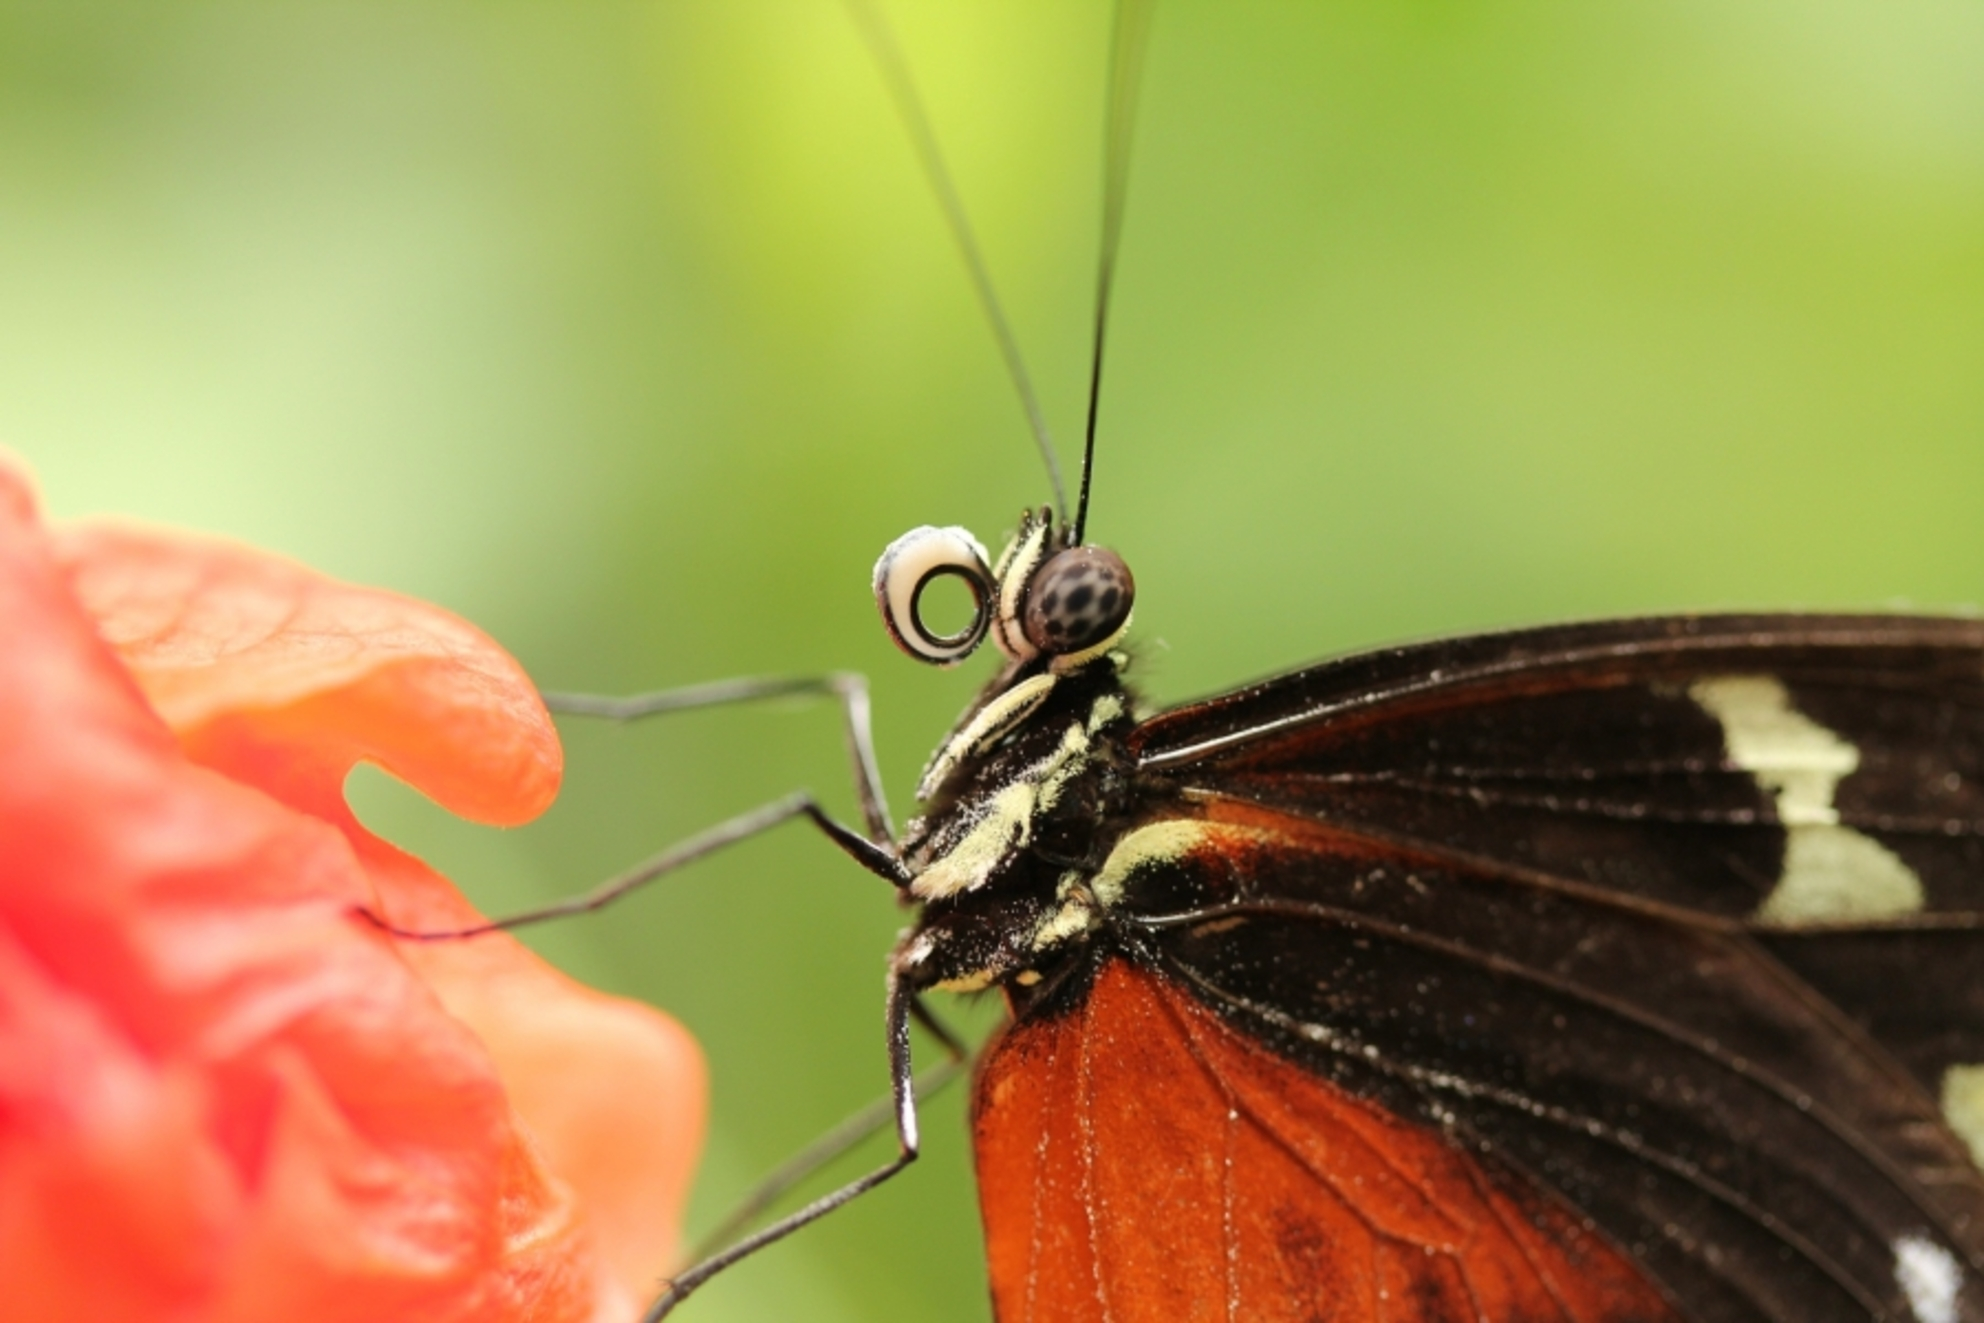 vlinder - Vlinder in de vlindertuin - foto door lisetteb op 29-08-2012 - deze foto bevat: vlinder - Deze foto mag gebruikt worden in een Zoom.nl publicatie